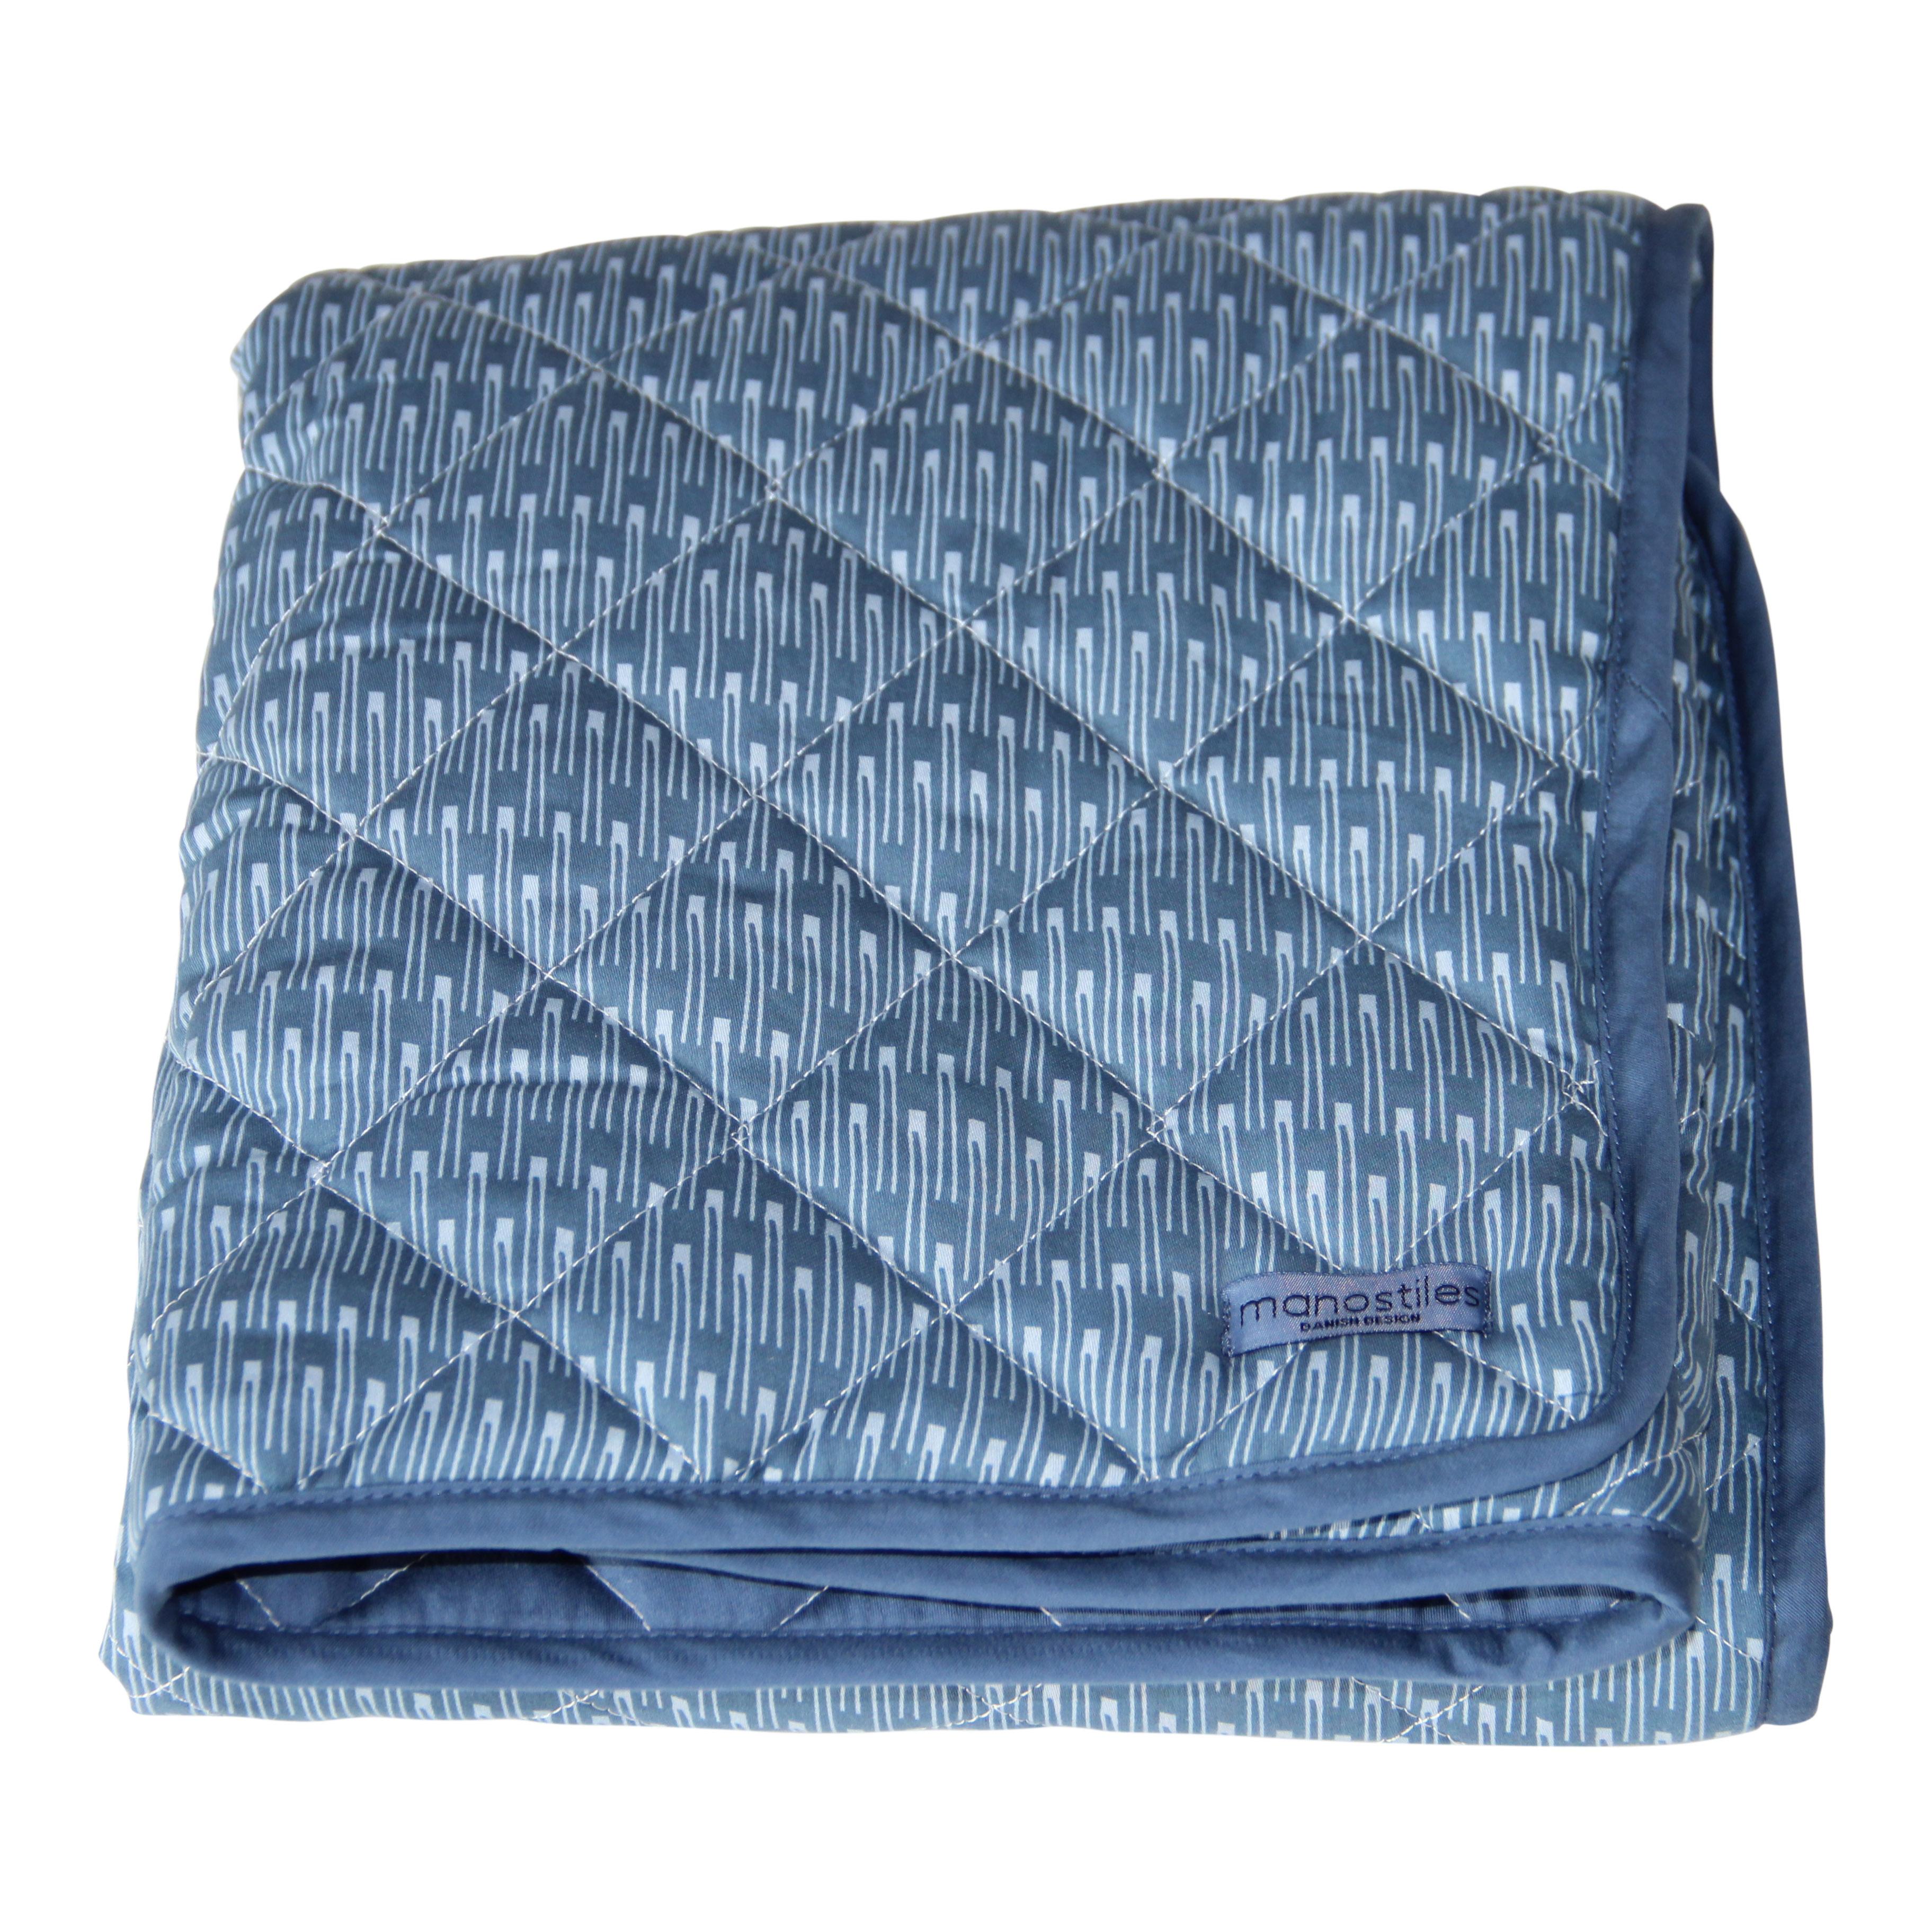 Image of   Manostiles quiltet tæppe - Oyster blue